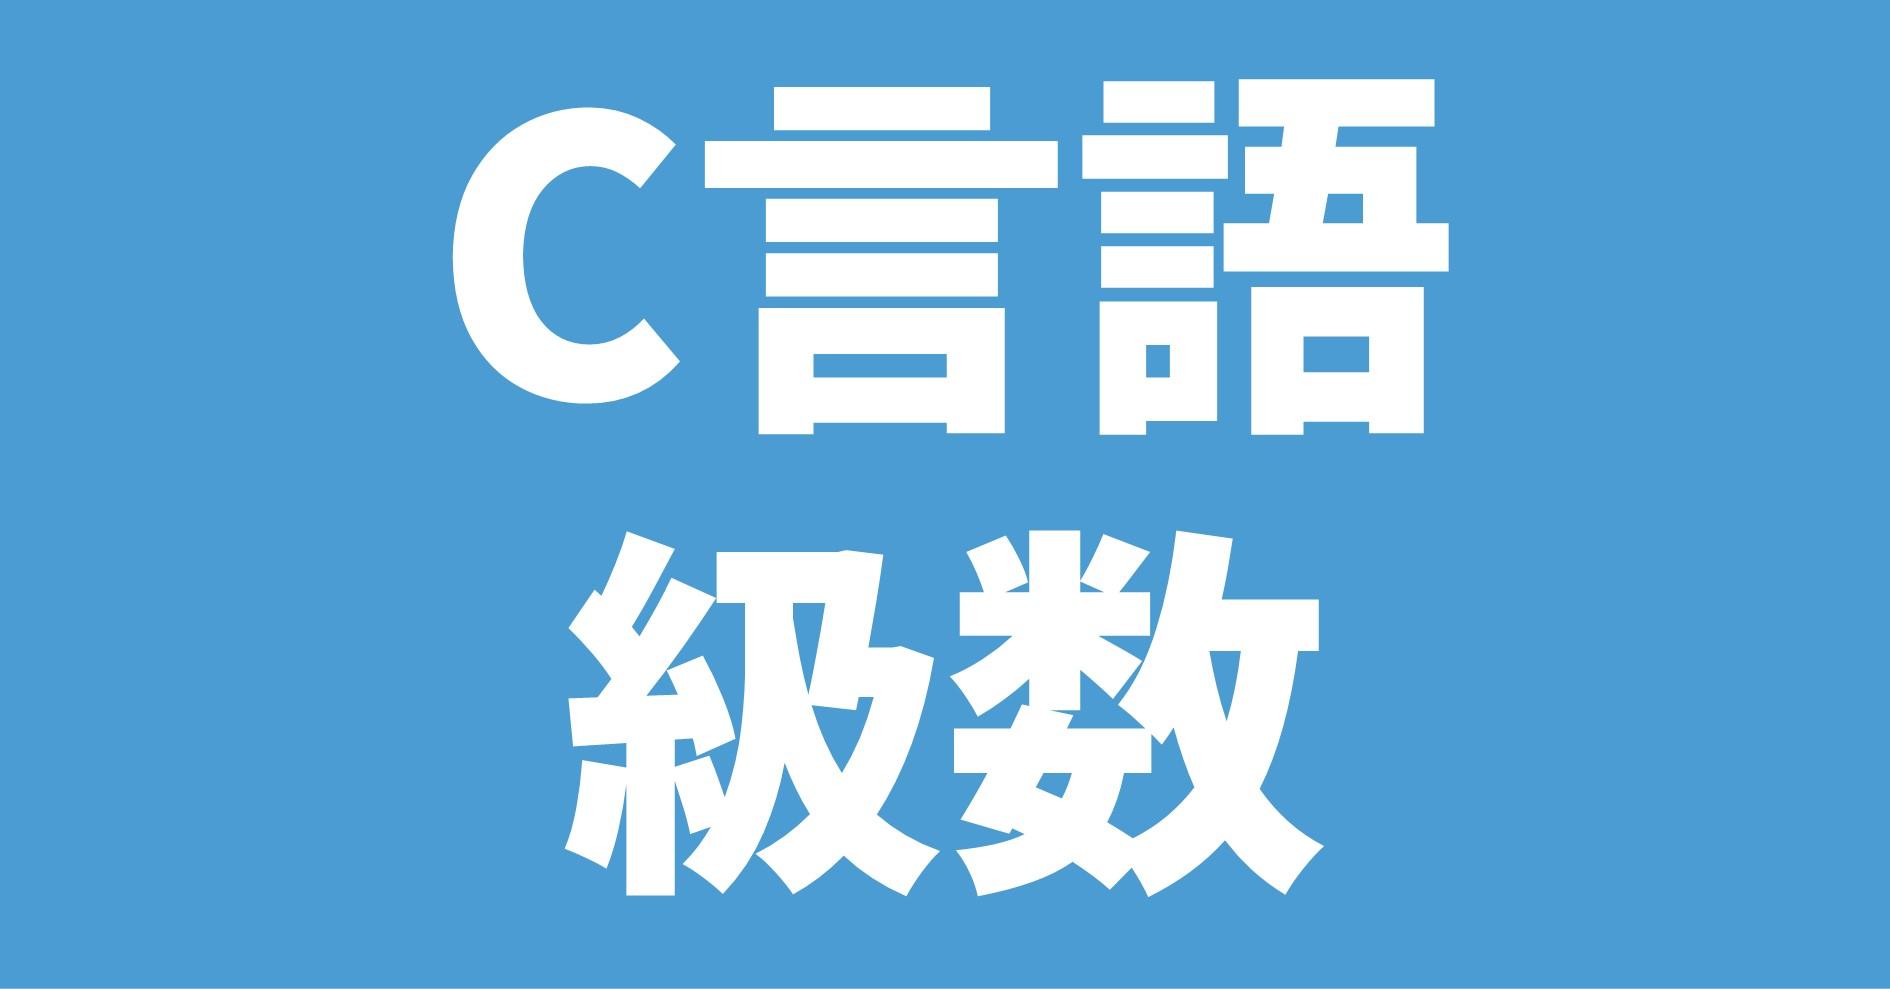 C言語 級数